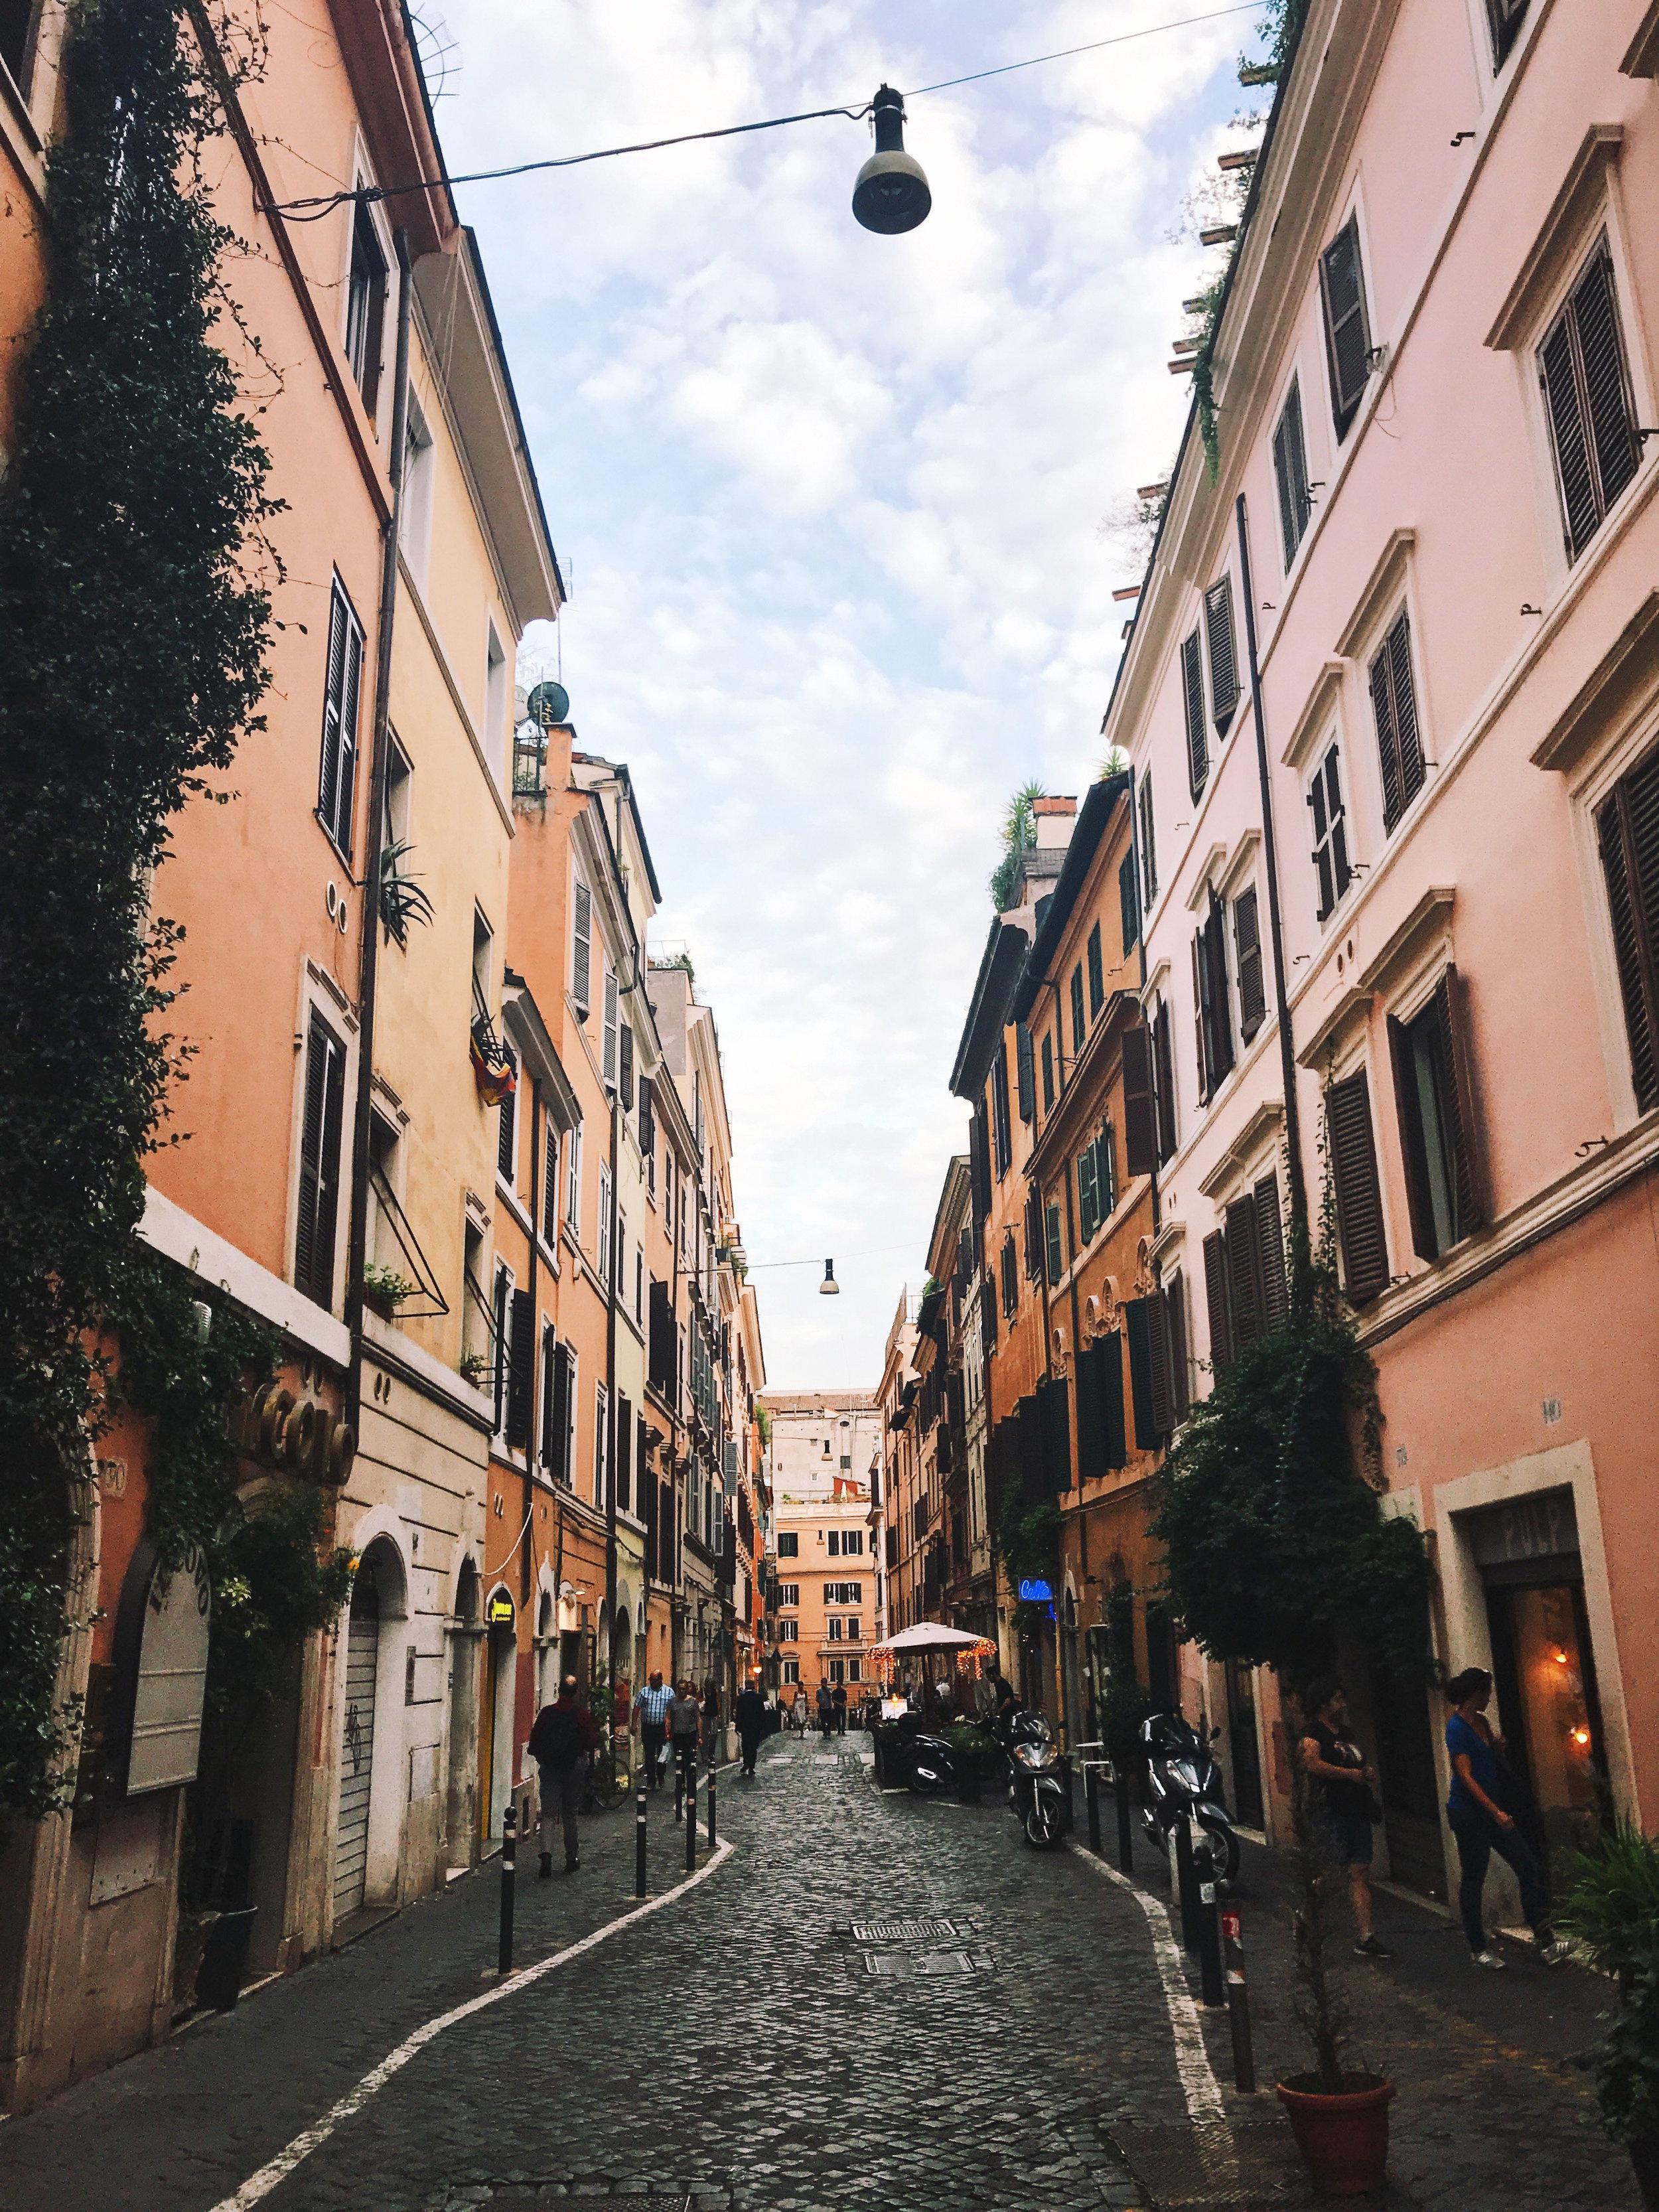 Italy-Positano-Rome-Amalfi-Coast-Lena-Mirisola-45.JPG